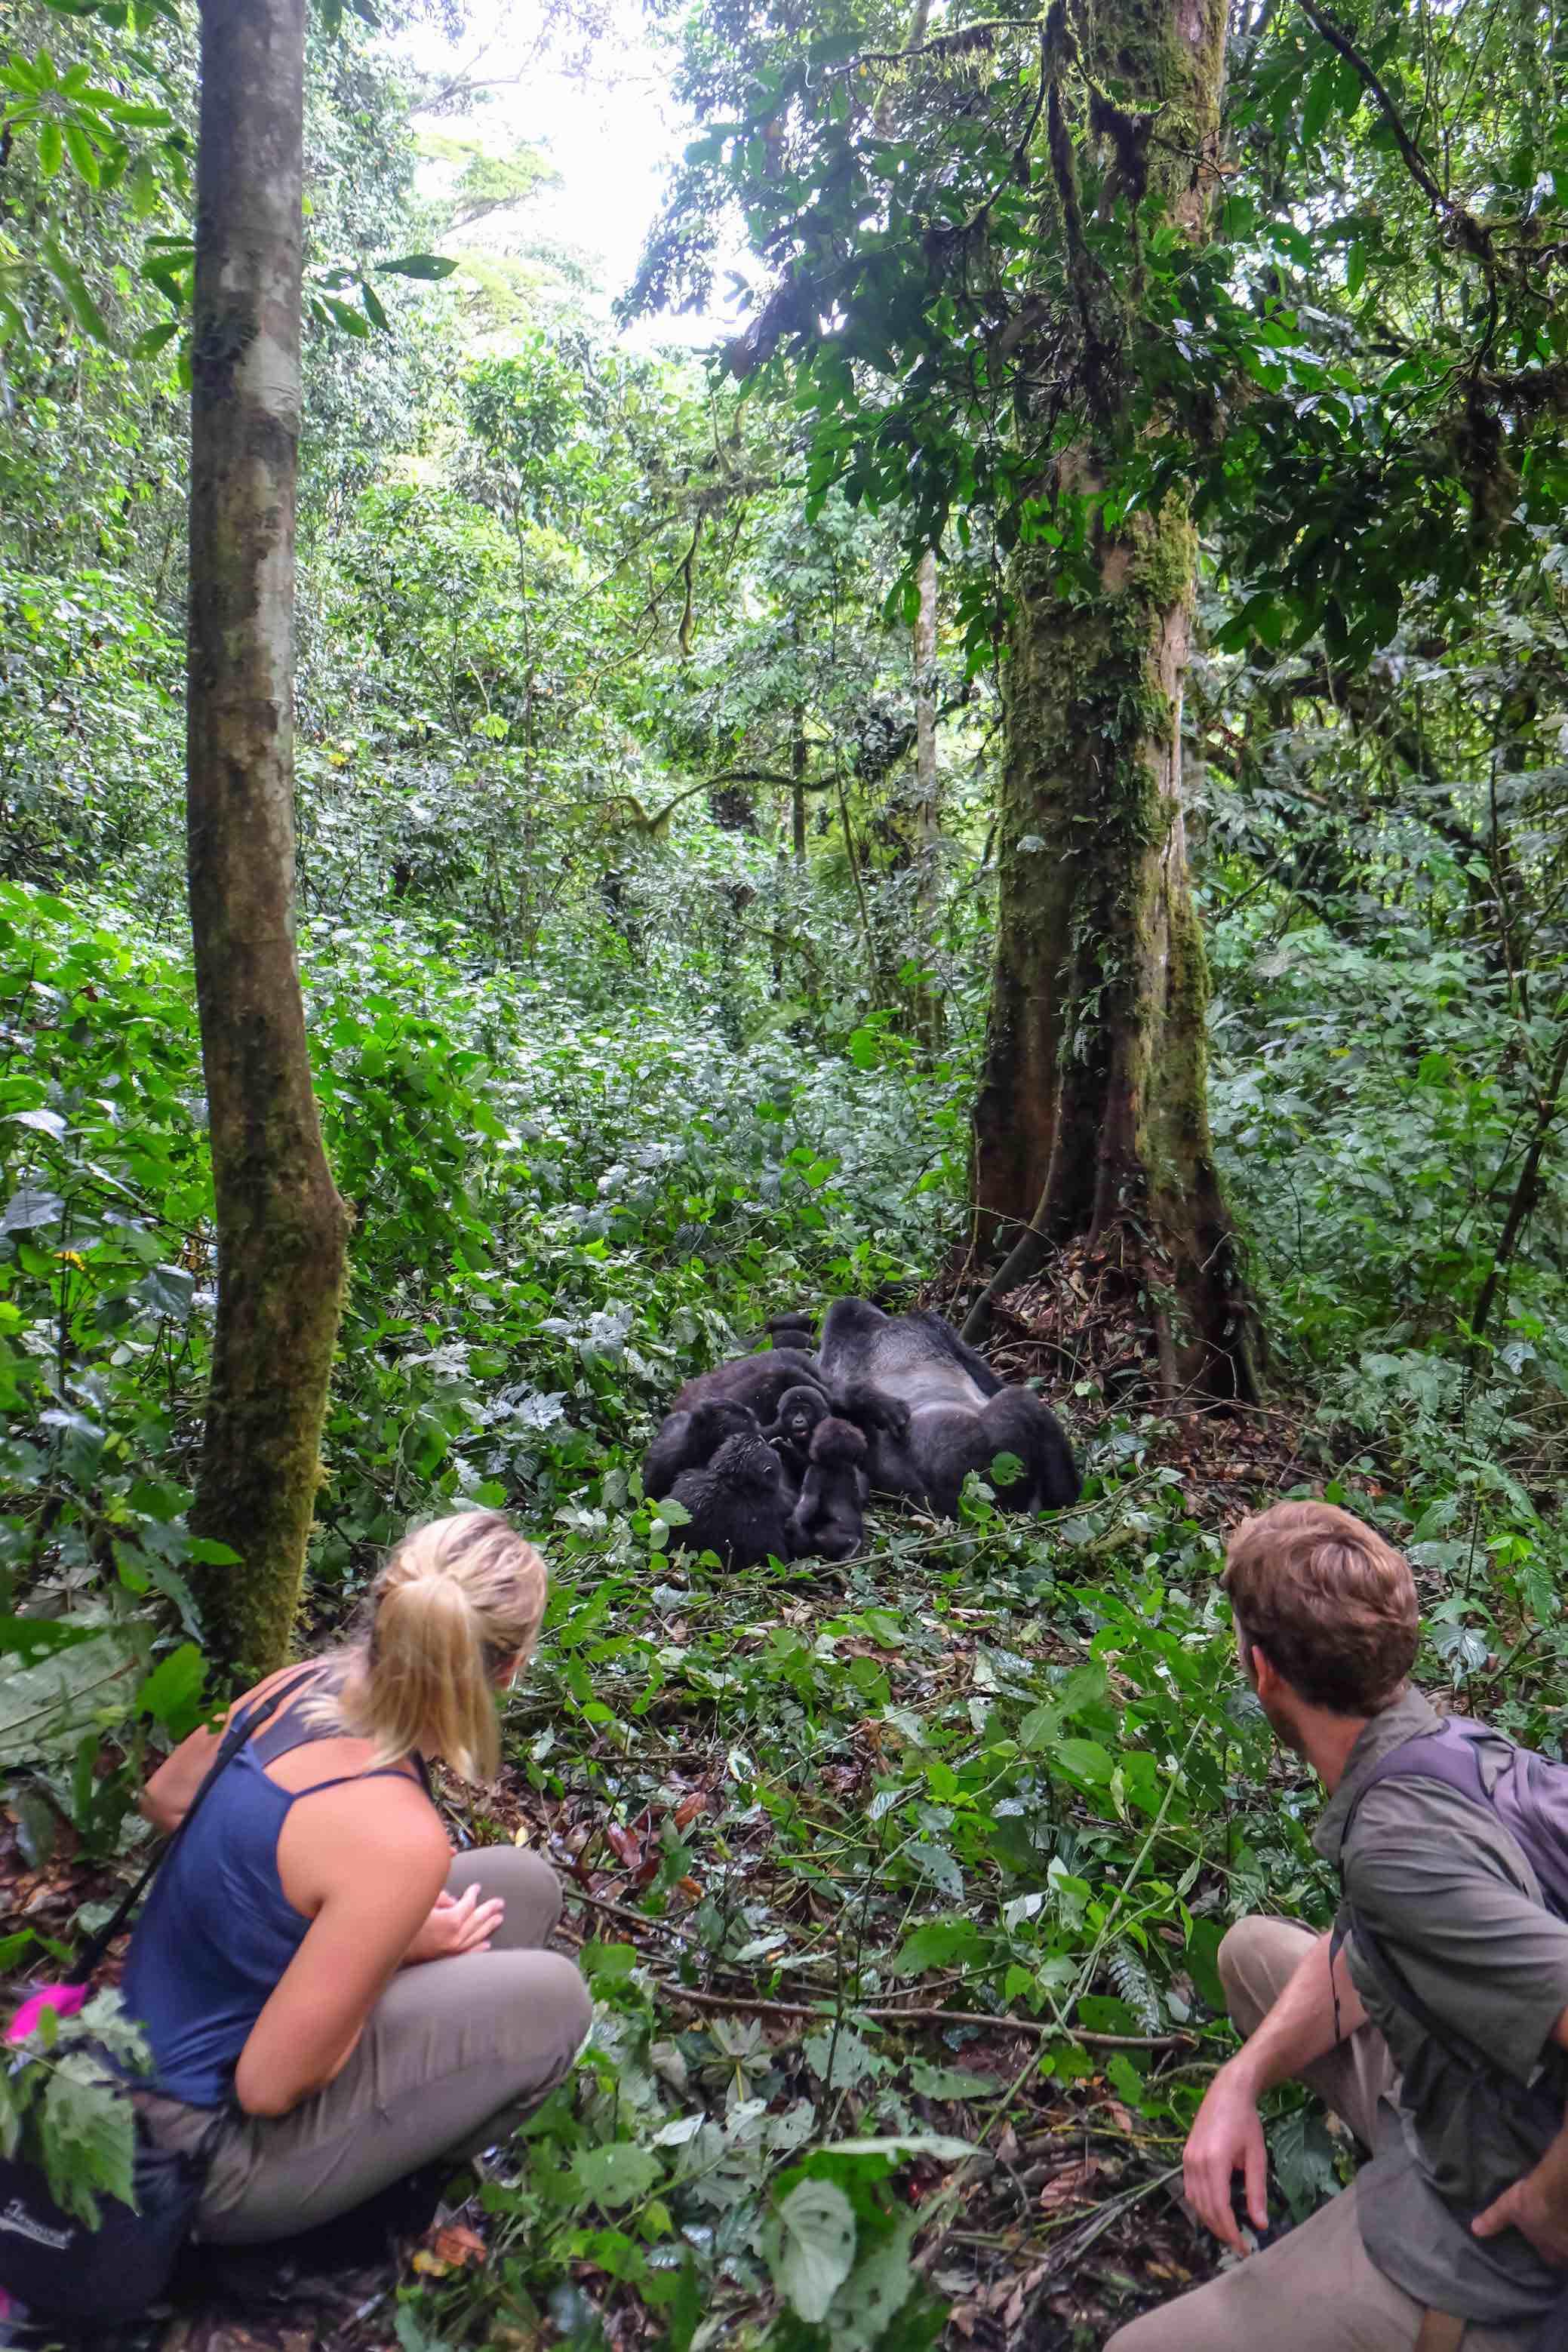 The World Pursuit seeing gorillas!